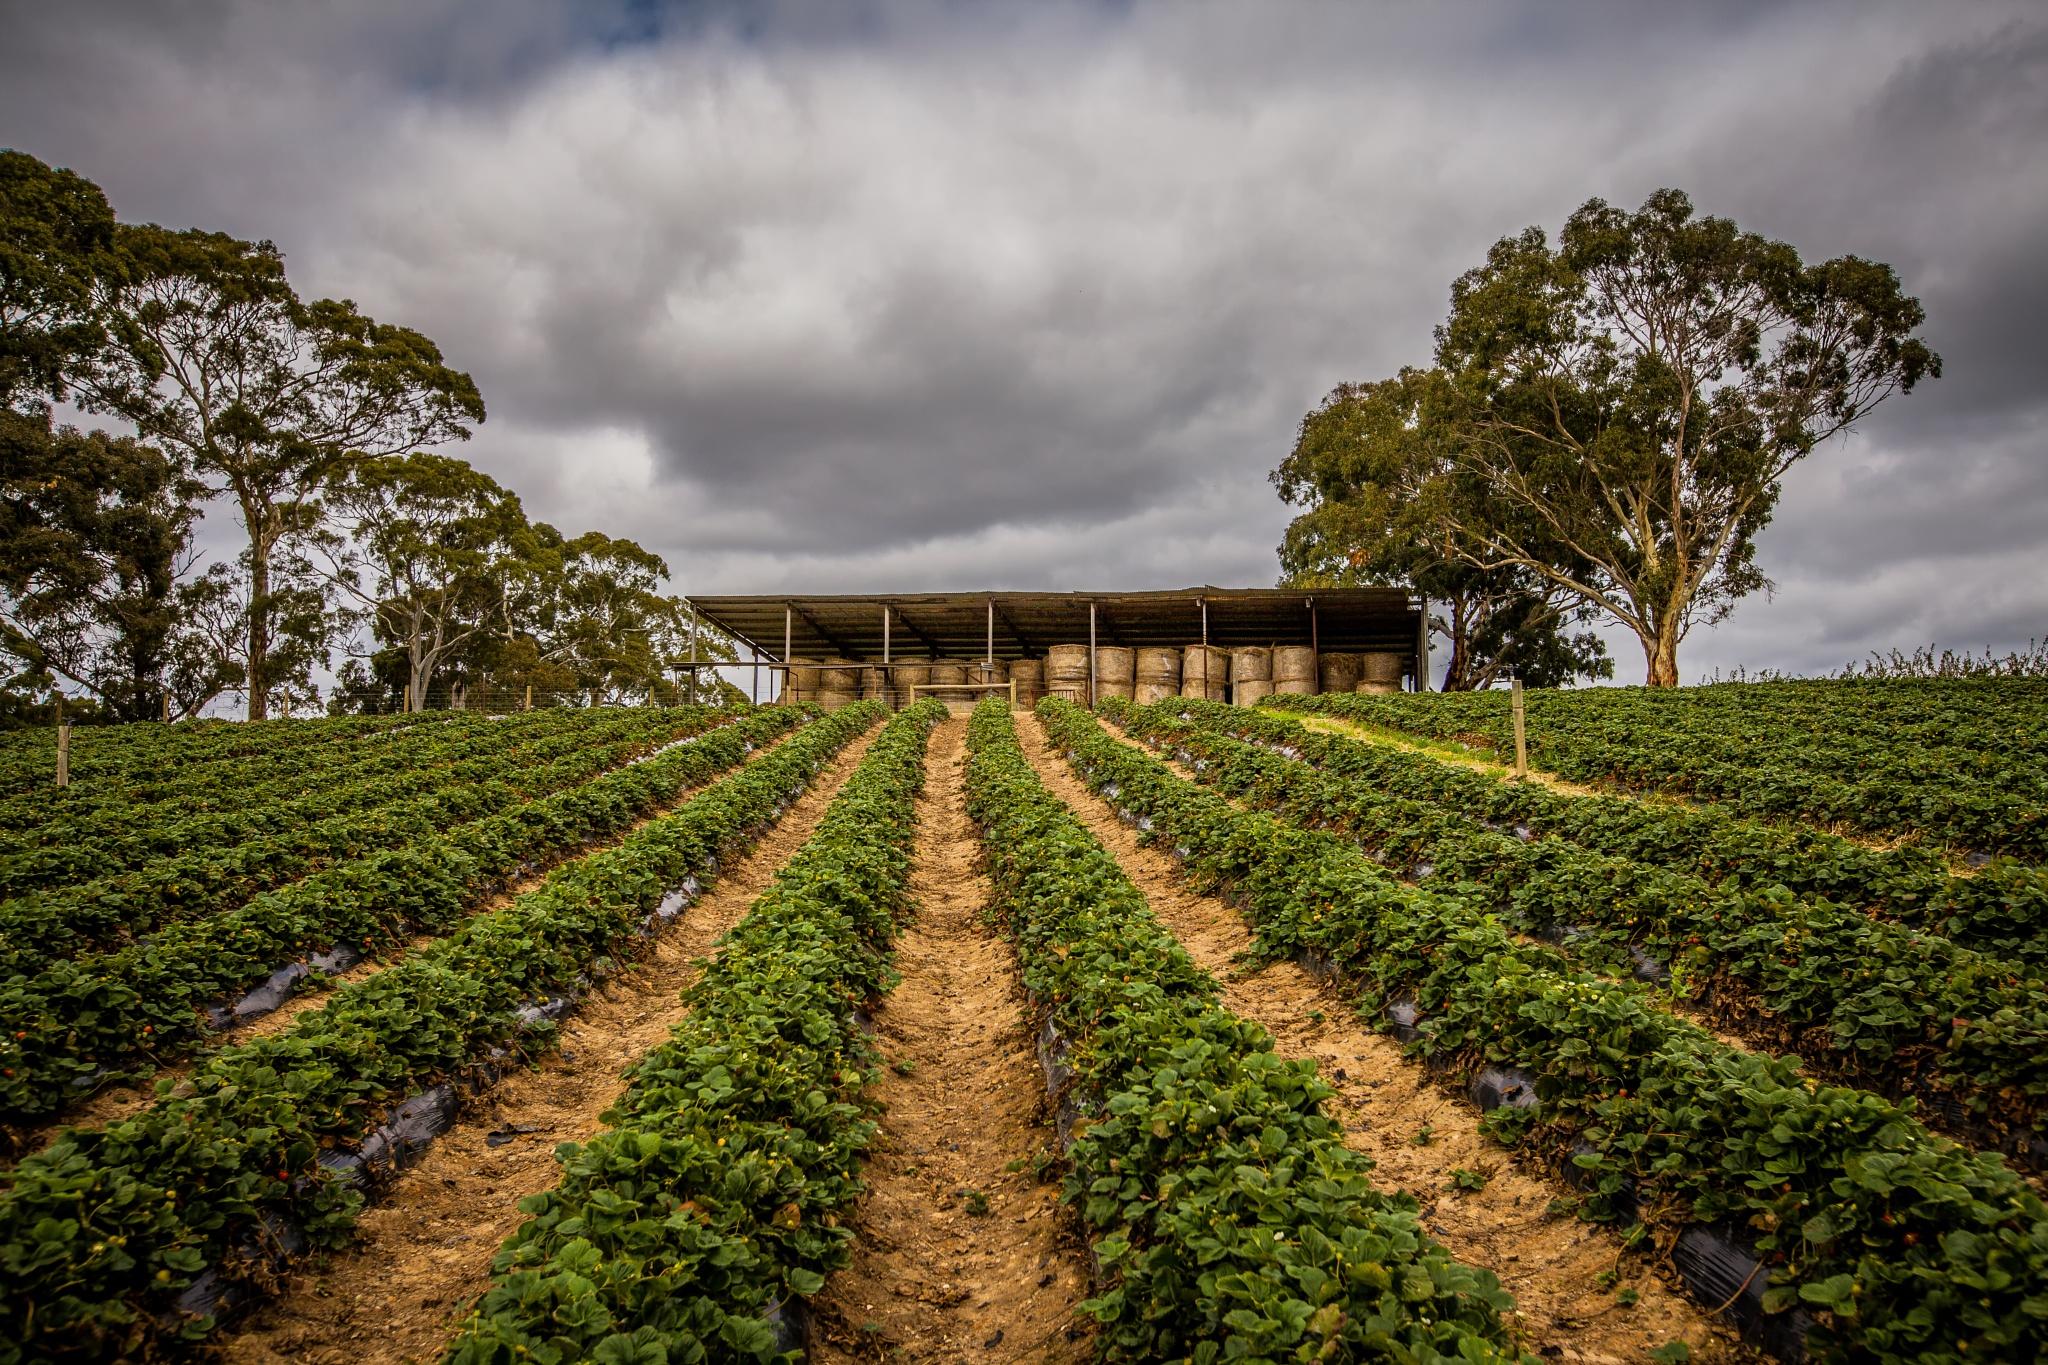 Strawberry Field by jimmy t